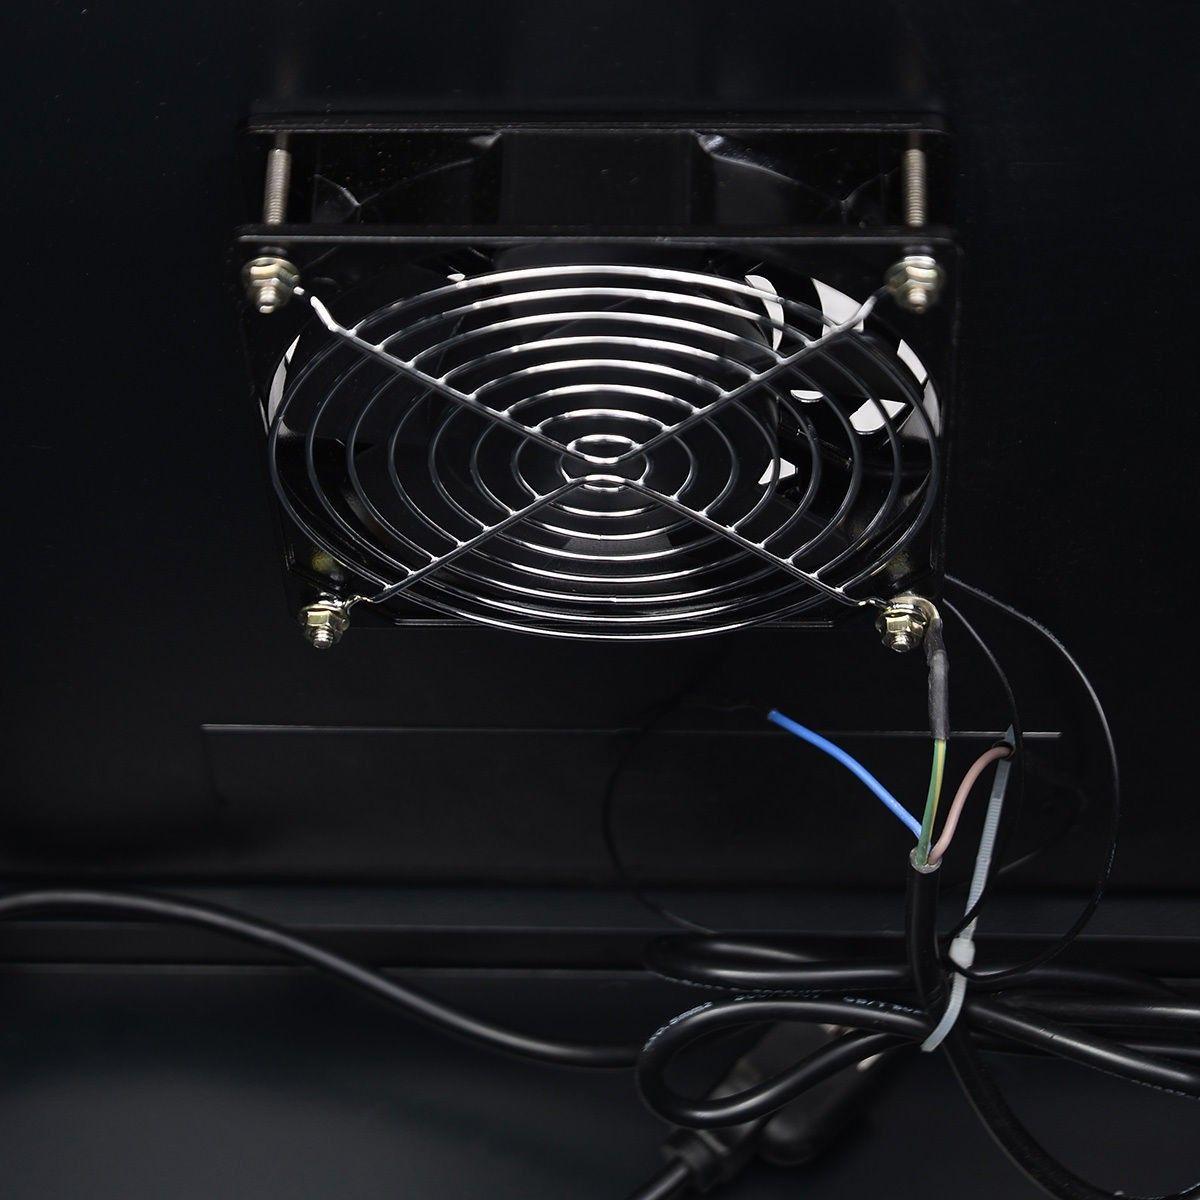 6u Wall Mount Network Server Data Cabinet Enclosure Rack Glass Door Lock Glass Door Lock Glass Door Door Locks